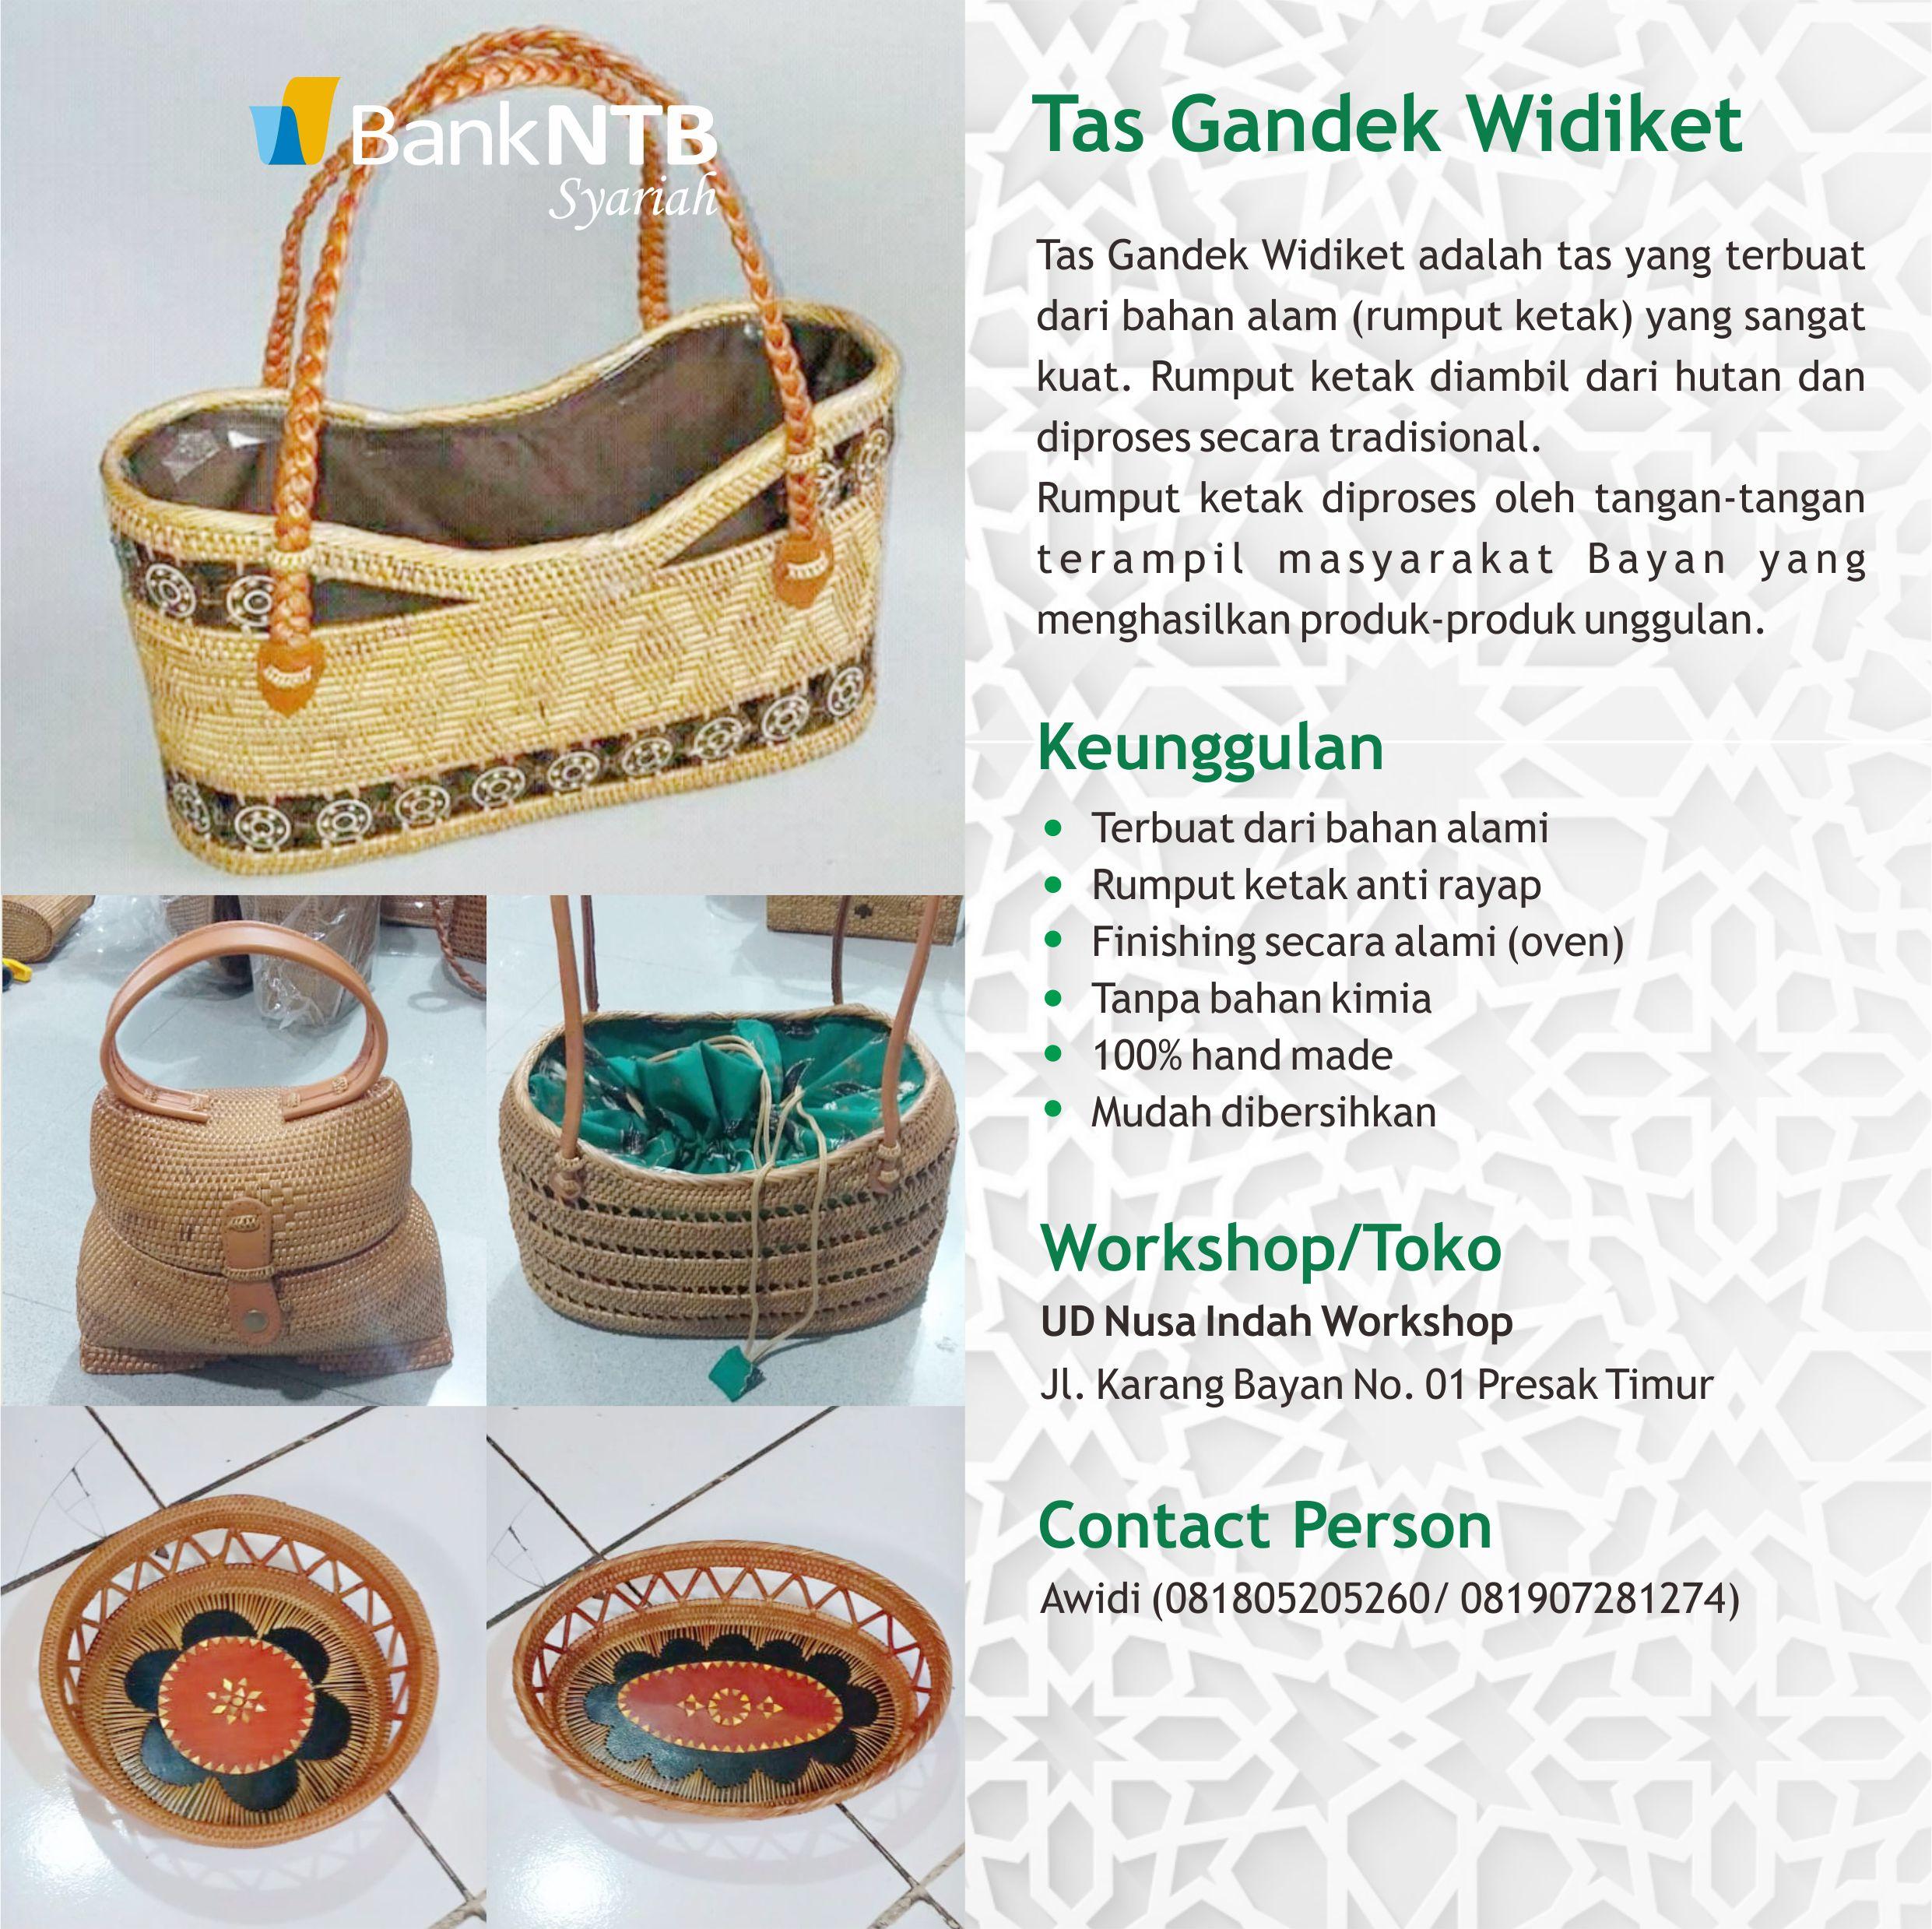 Tas_Gandek_Widiket